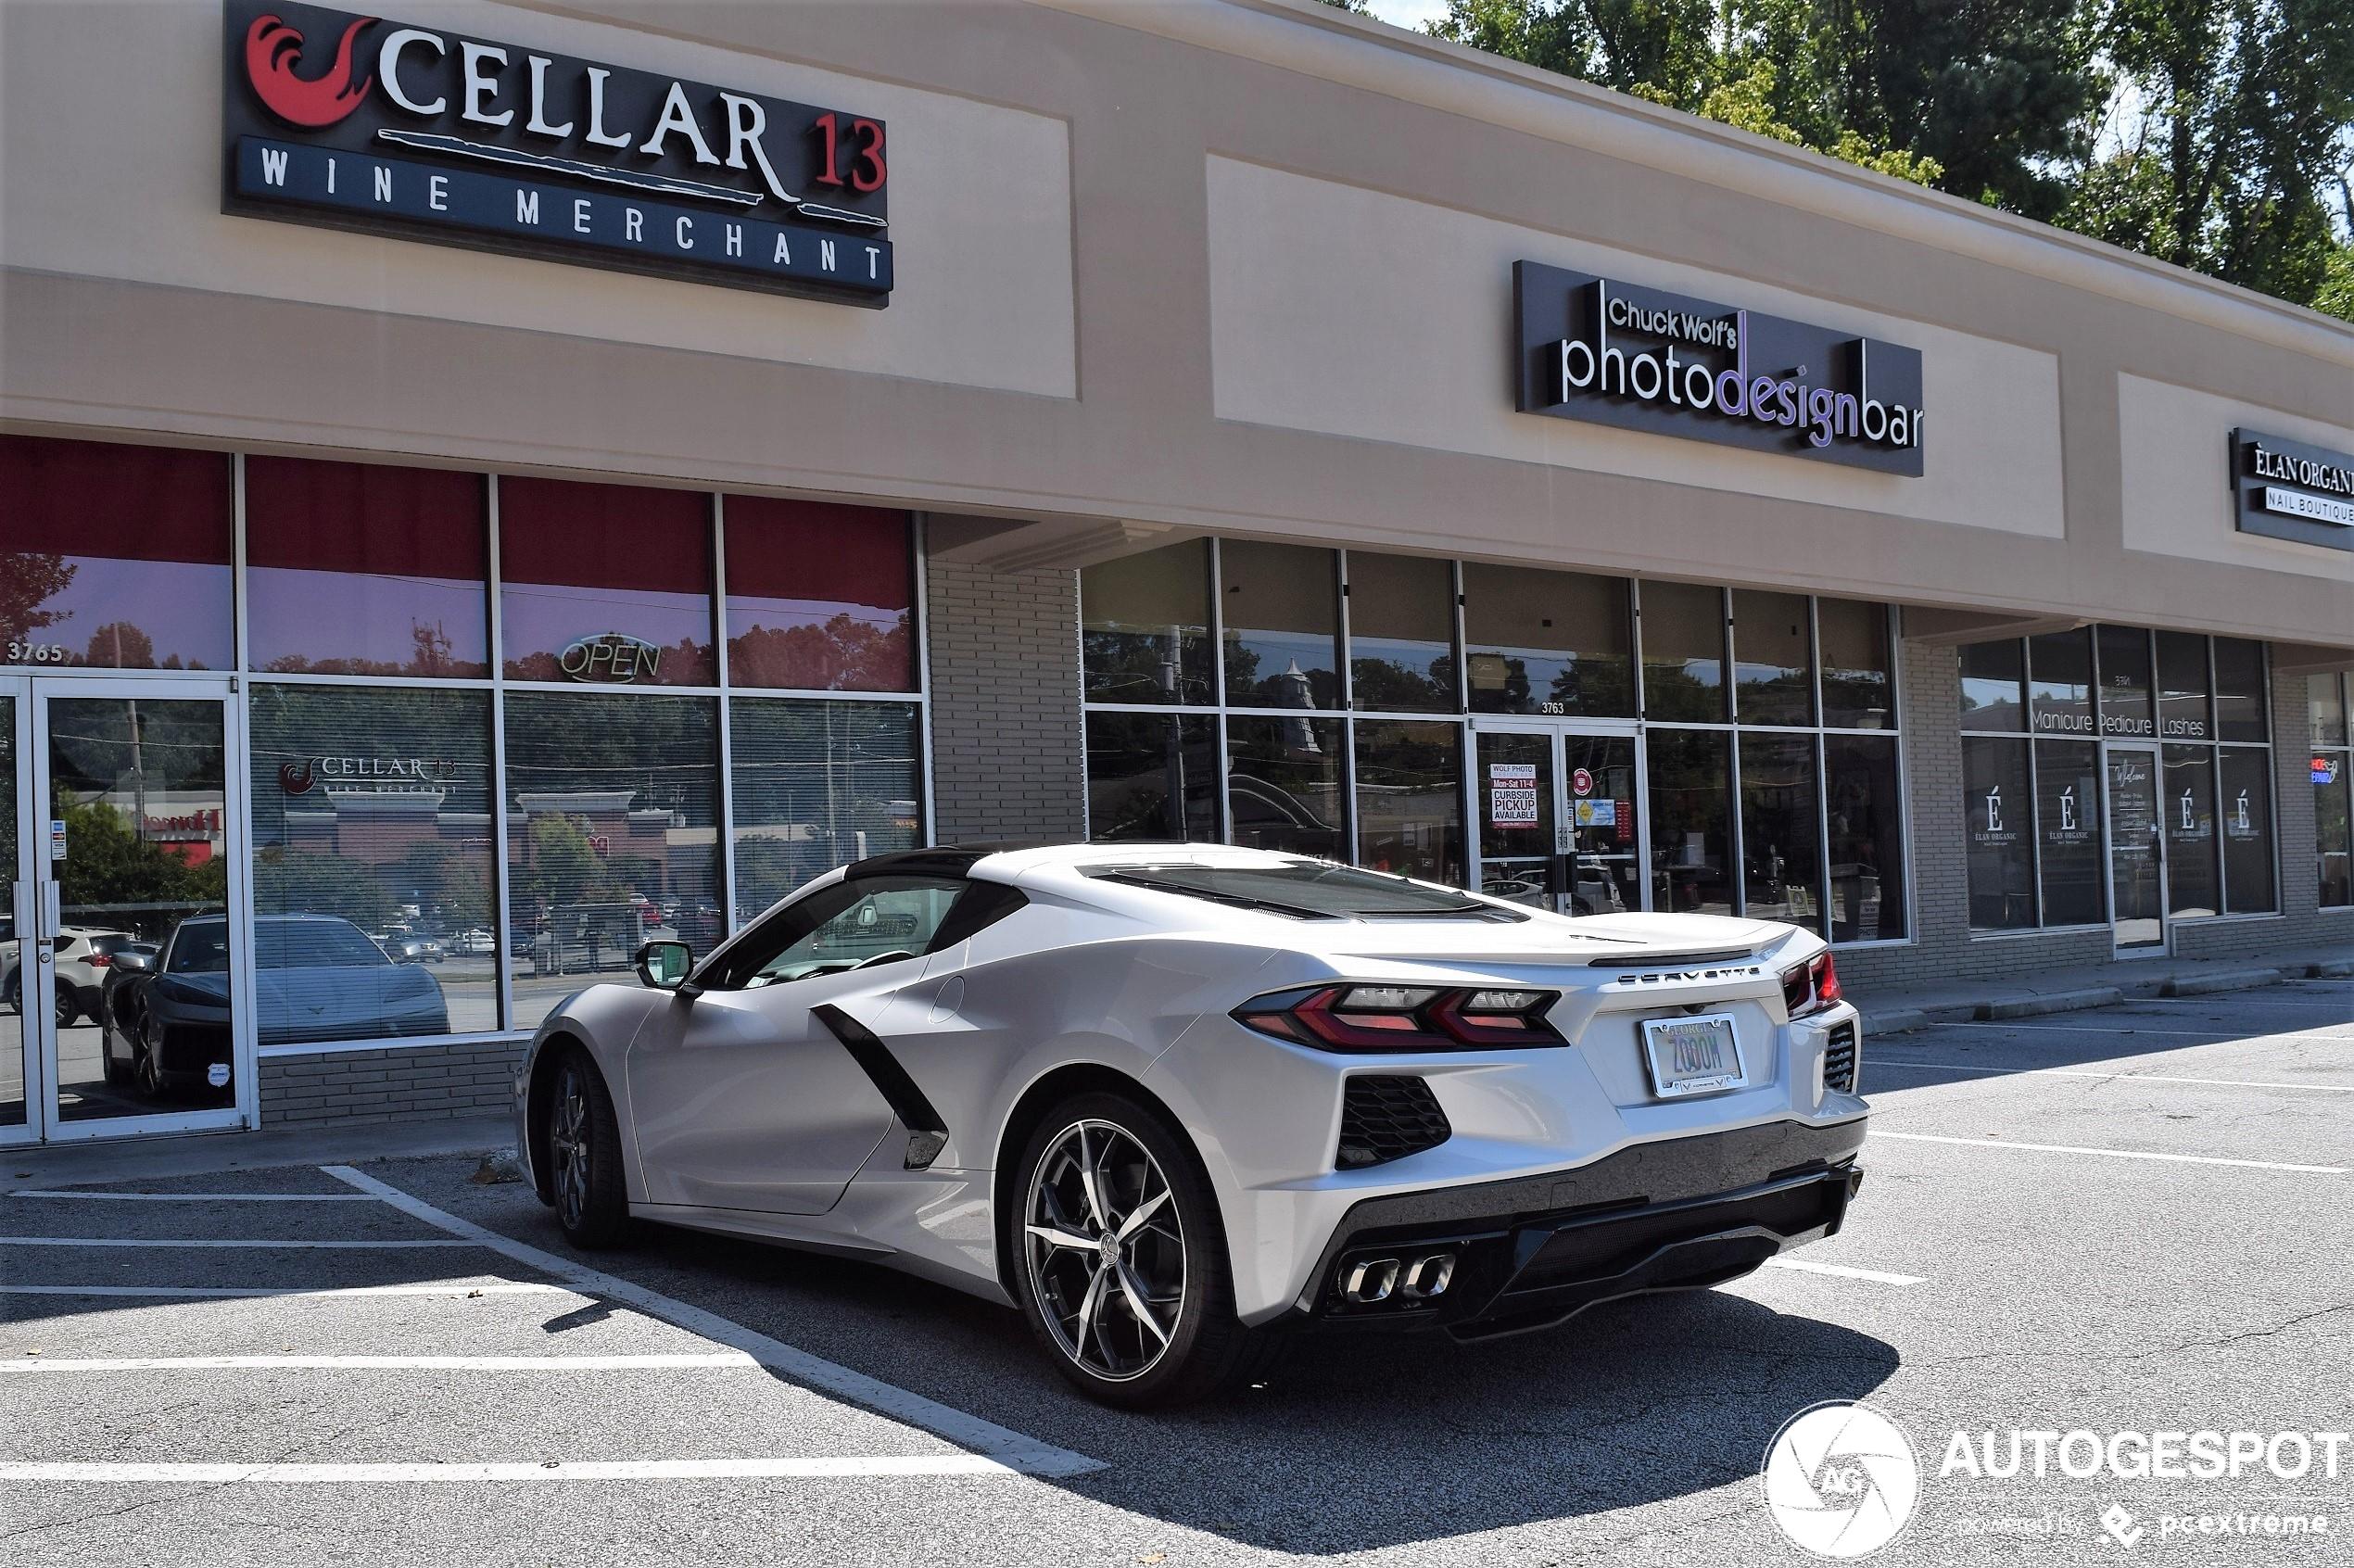 Hoe goed bevalt de nieuwe Corvette jou?